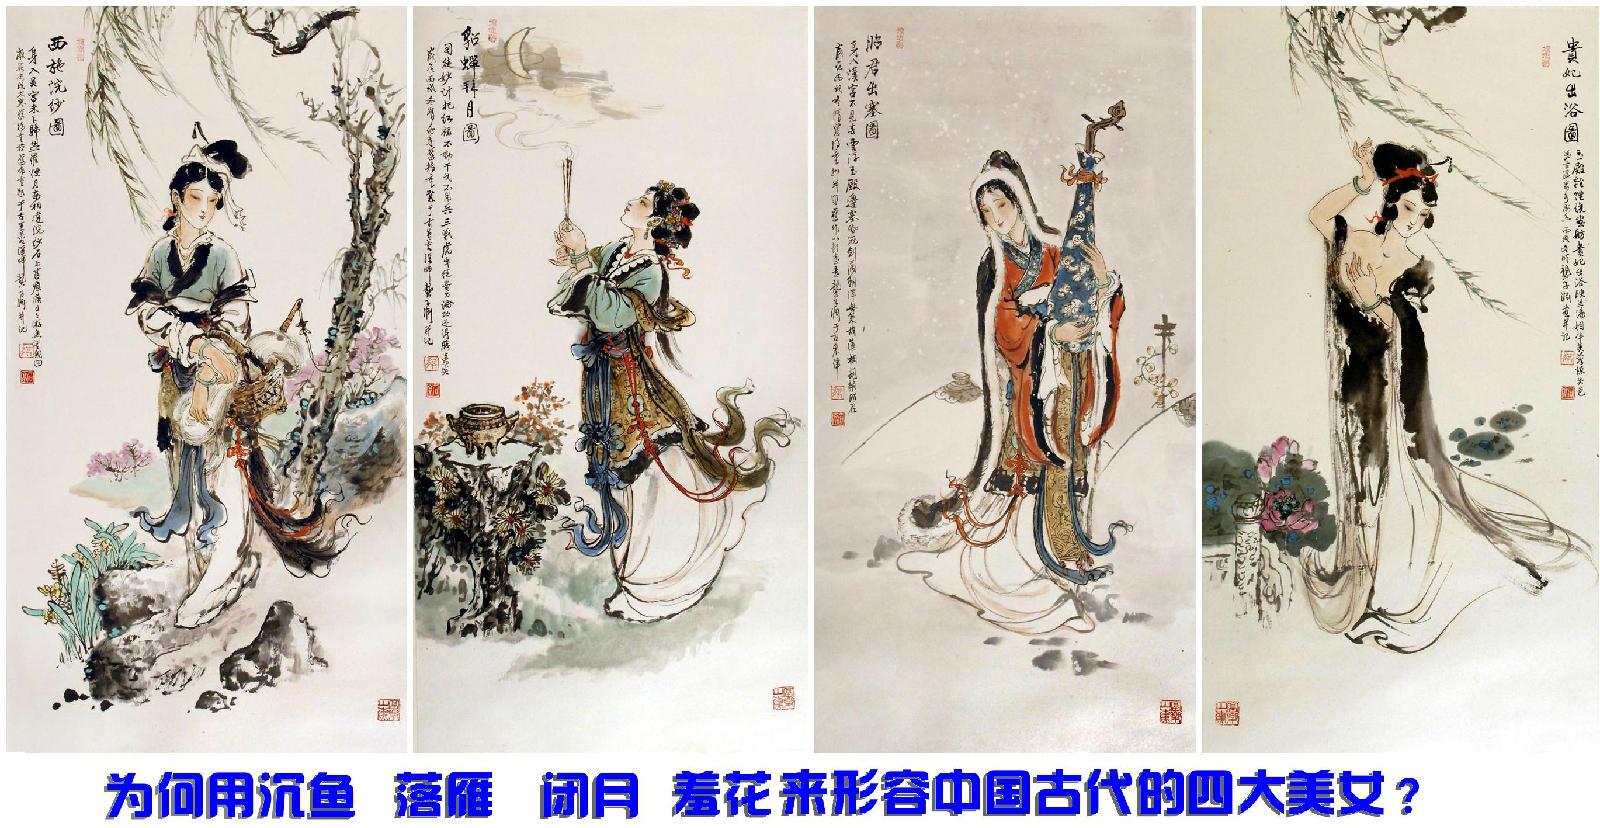 羞花来形容中国古代的四大美女